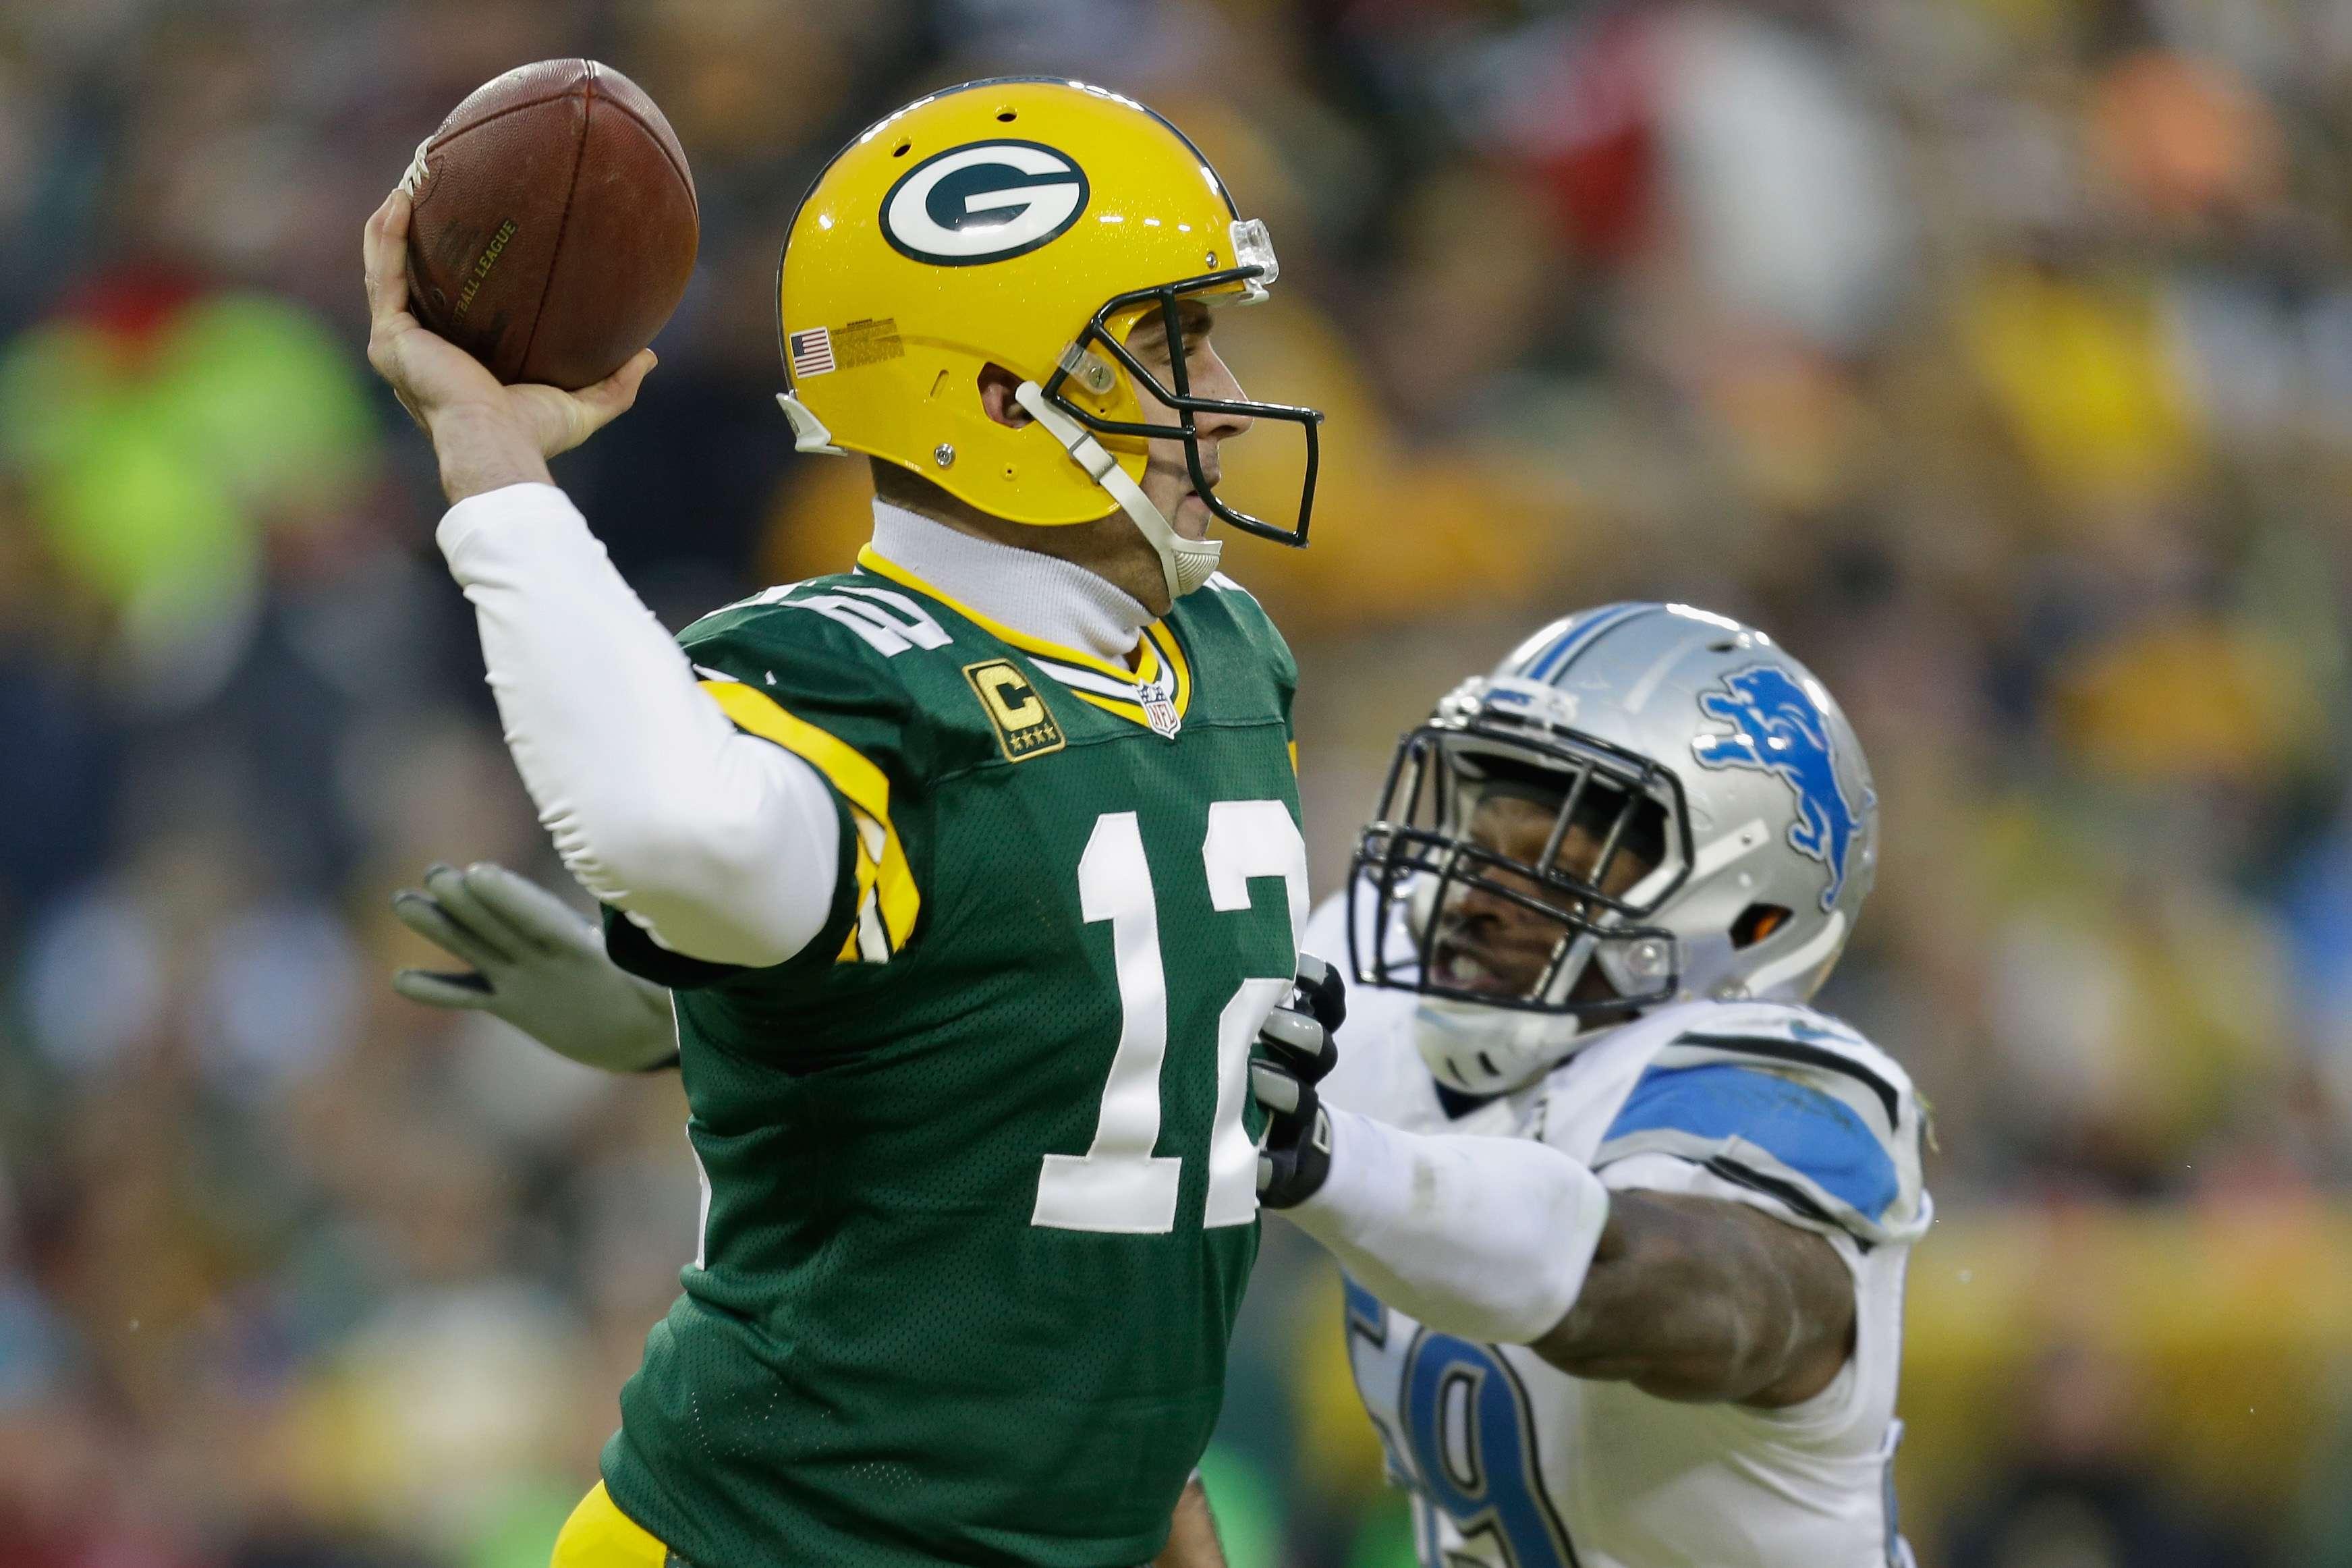 Packers se impuso 30-20 a Lions con una actuación heroica de Aaron Rodgers, quien regresó de una lesión para amarrar el título divisional de Green Bay. Foto: Getty Images